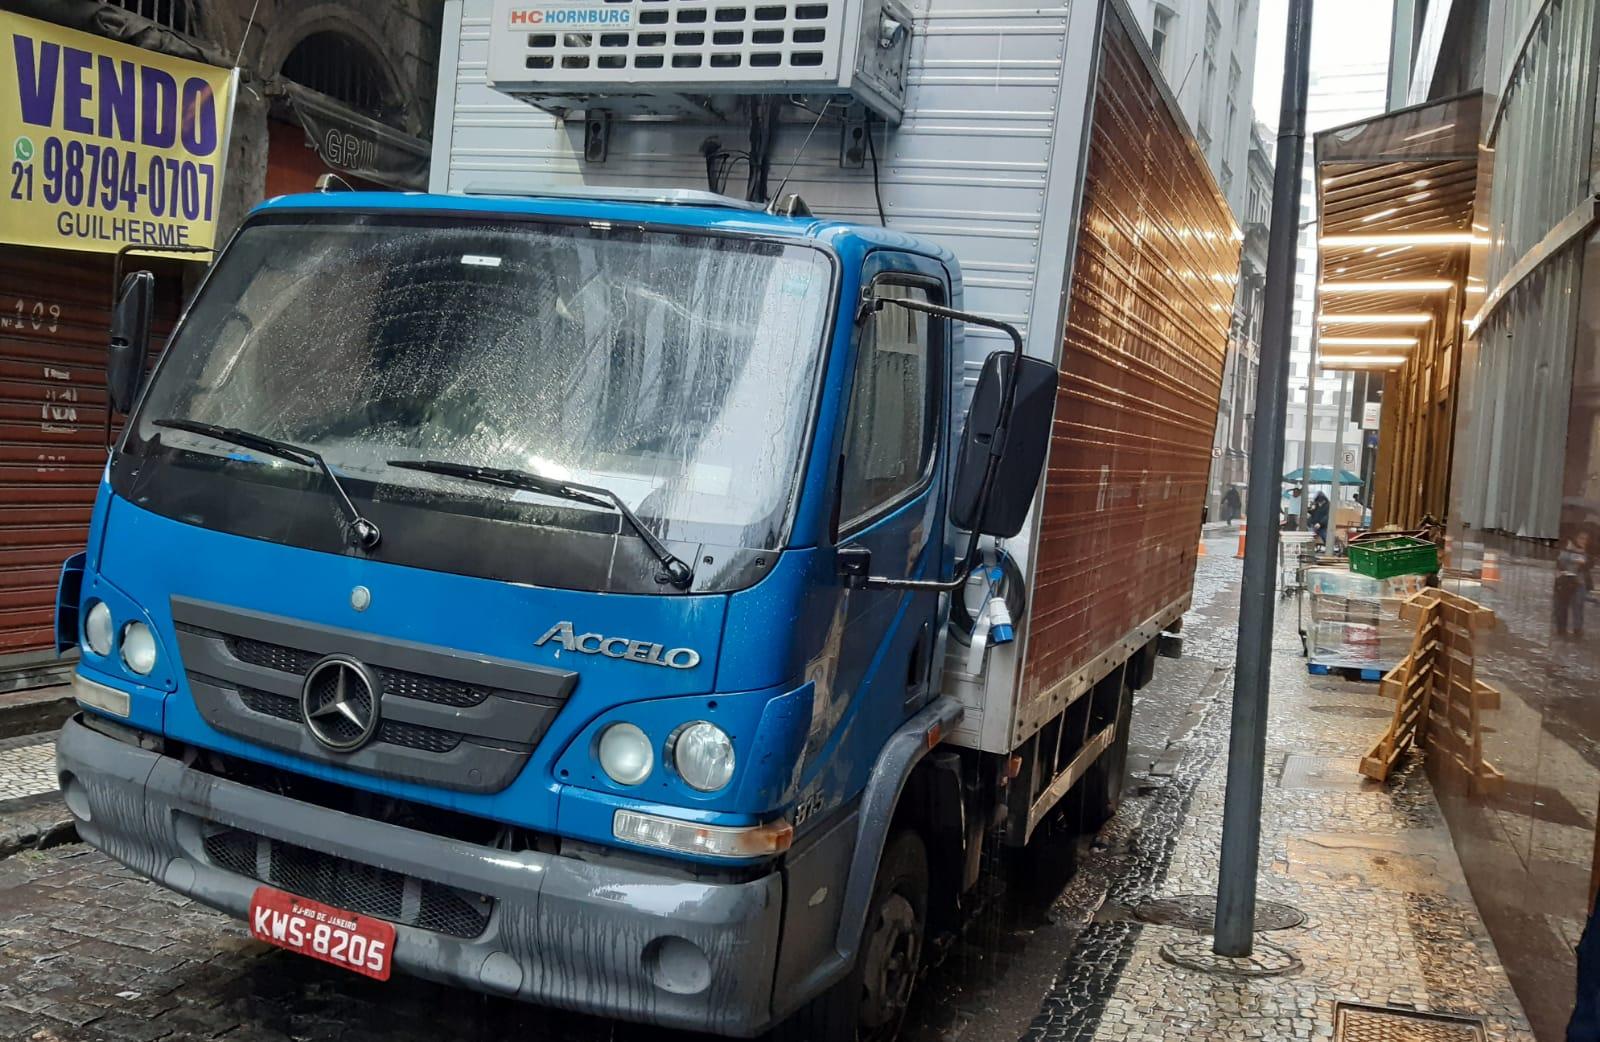 caminhão estacionado na rua